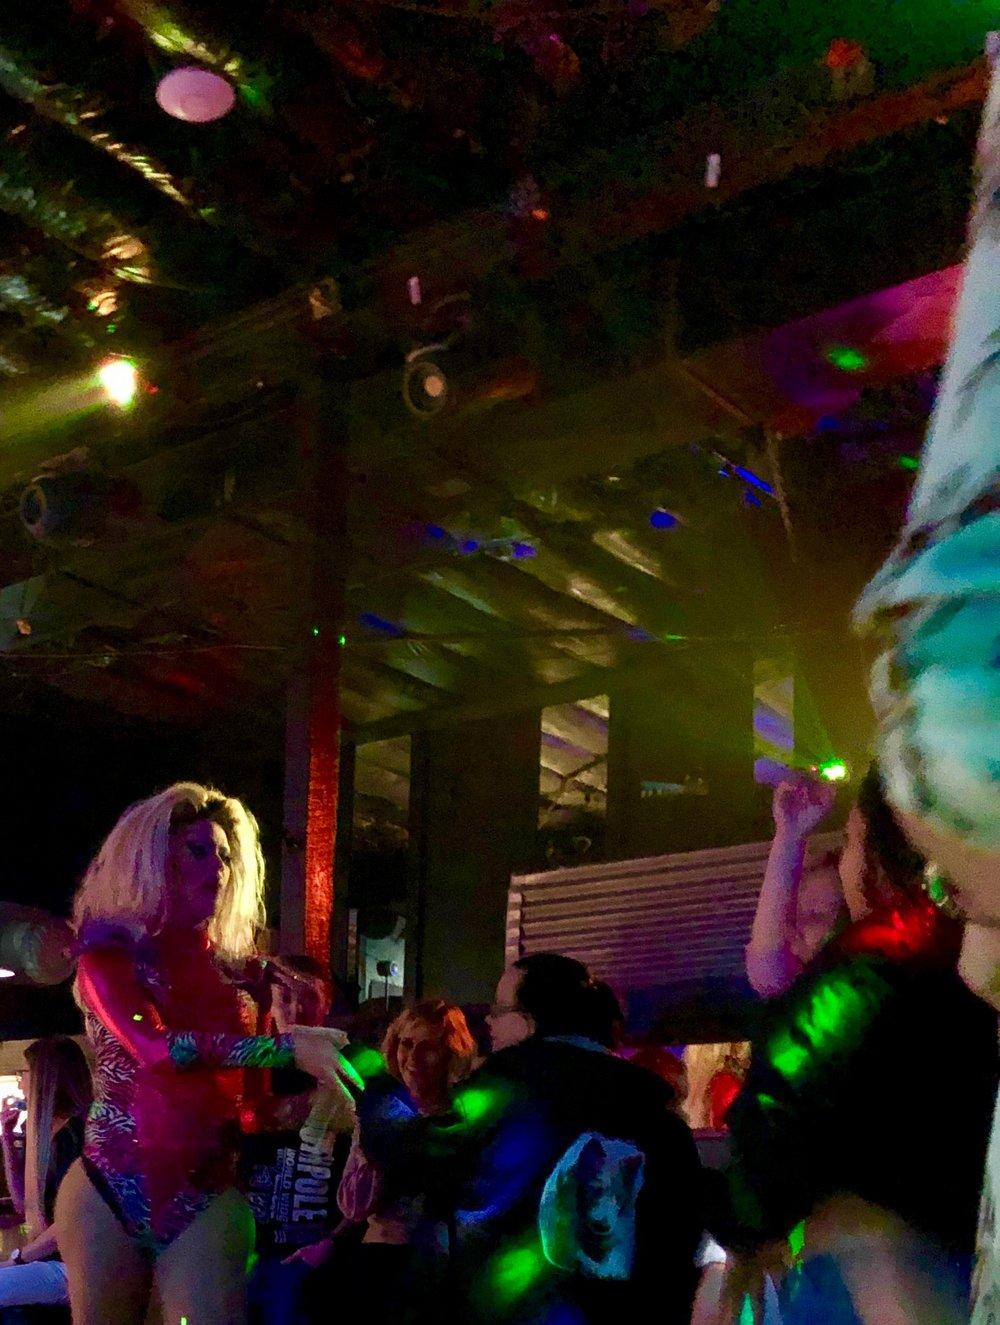 A drag queen performs in Roanoke, Virginia. Credit: Cass Adair